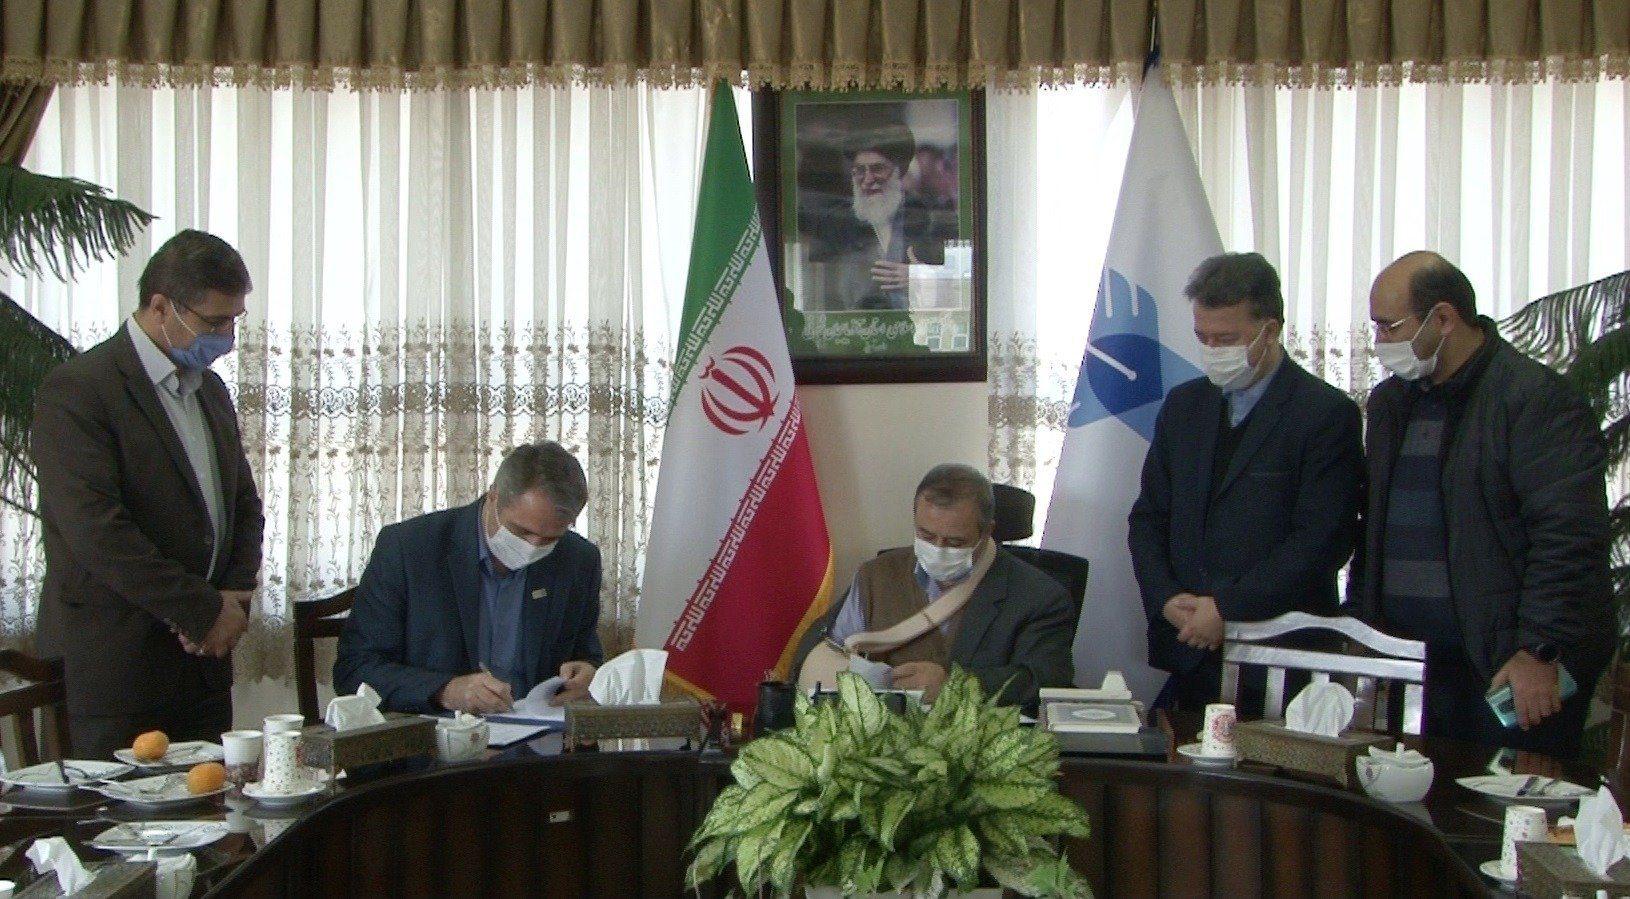 ایجاد مرکز رشد مشترک دانشگاه آزاد و پارک علم و فناوری در تبریز